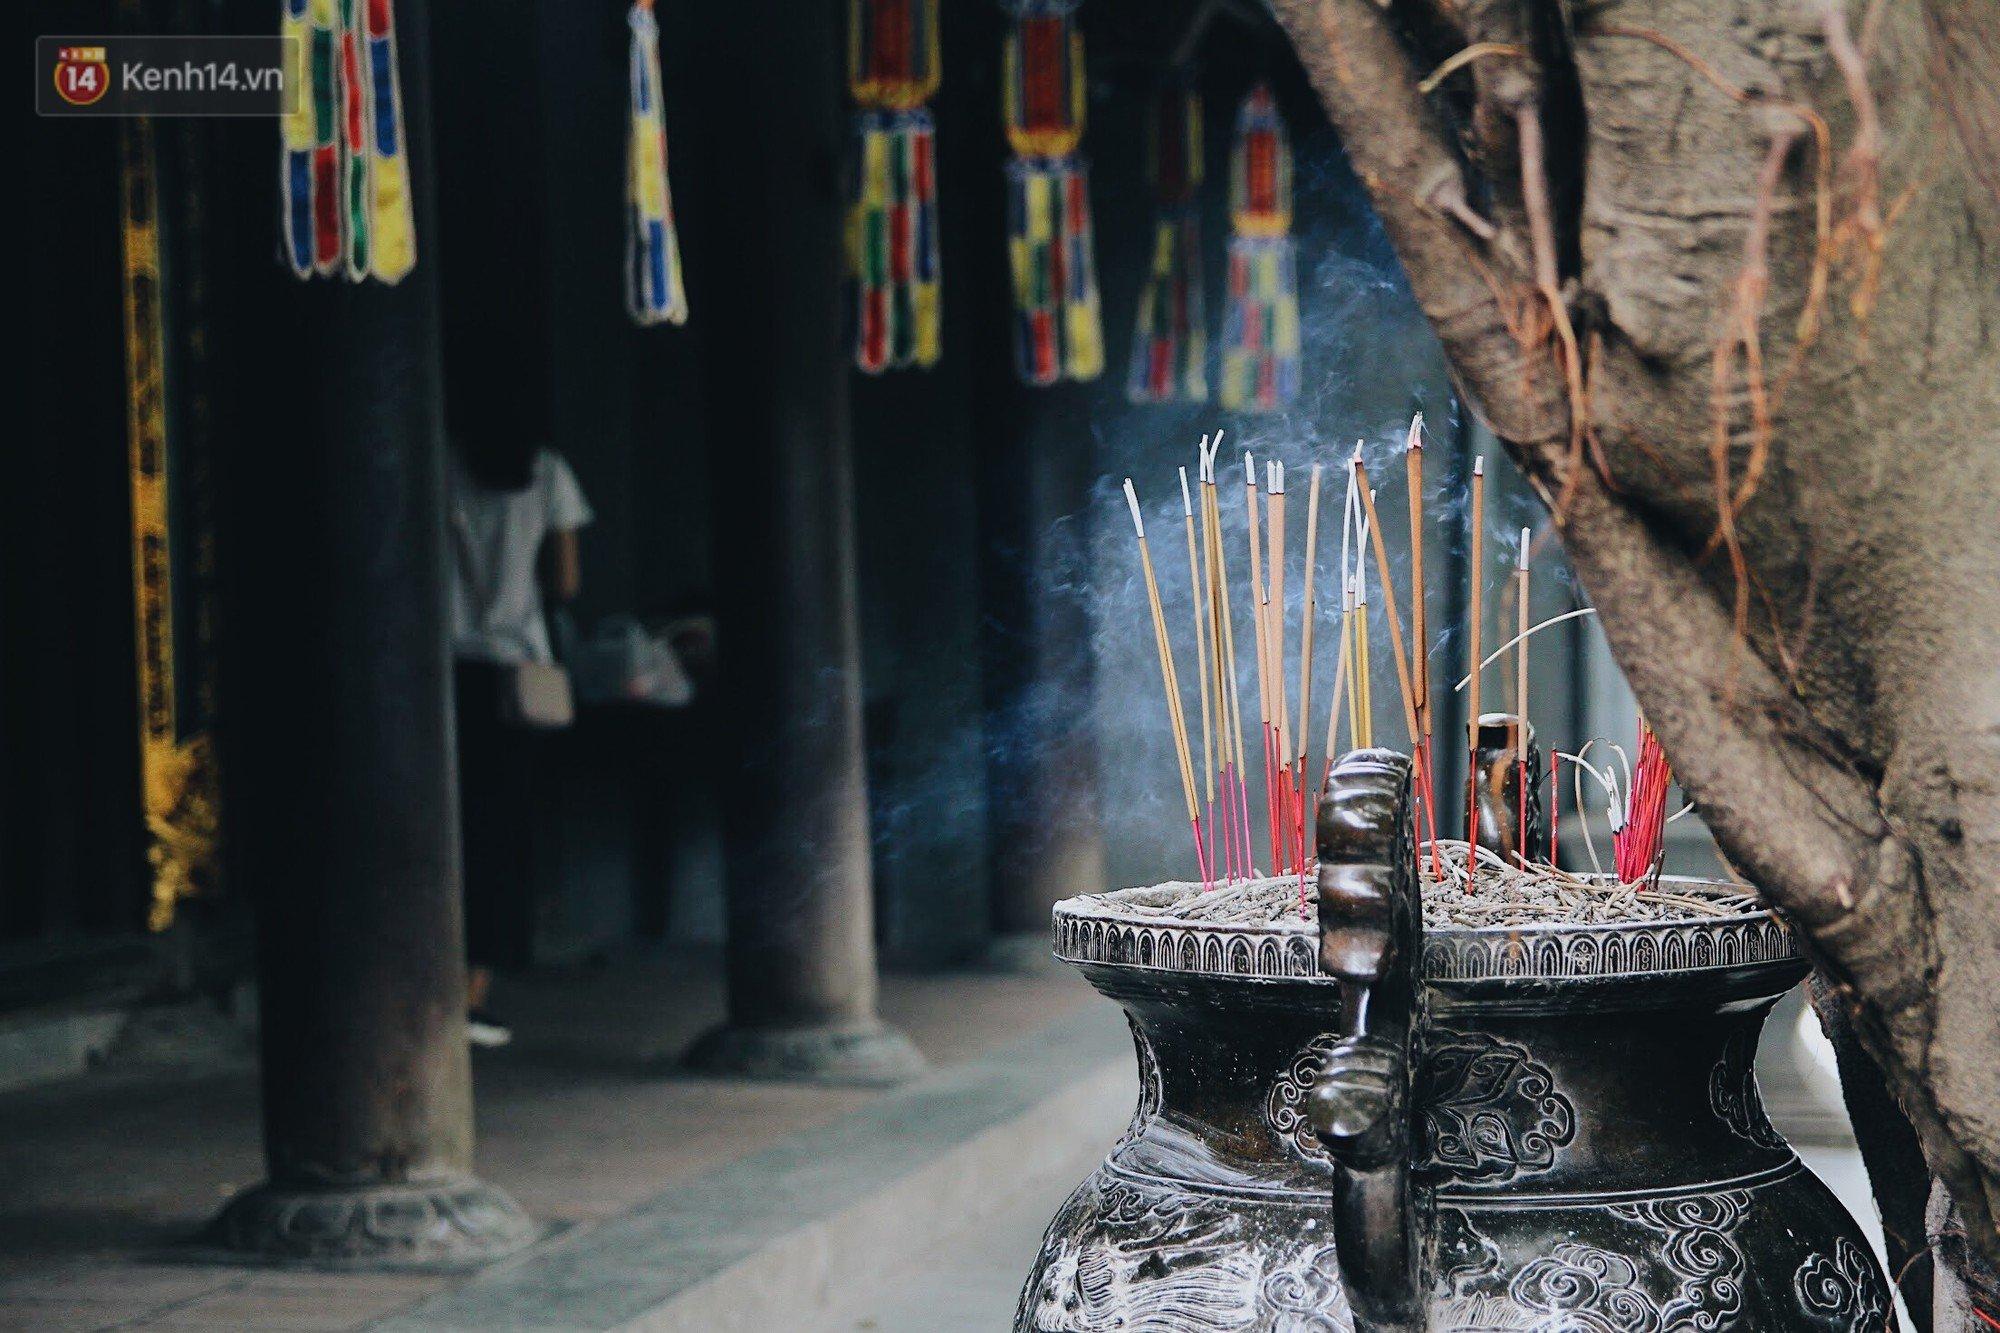 Đến chùa Hà dịp lễ Thất Tịch nghe chuyện cô gái 'cứ viết sớ, sau một tháng có người yêu!' khiến ai cũng ghen tỵ 16